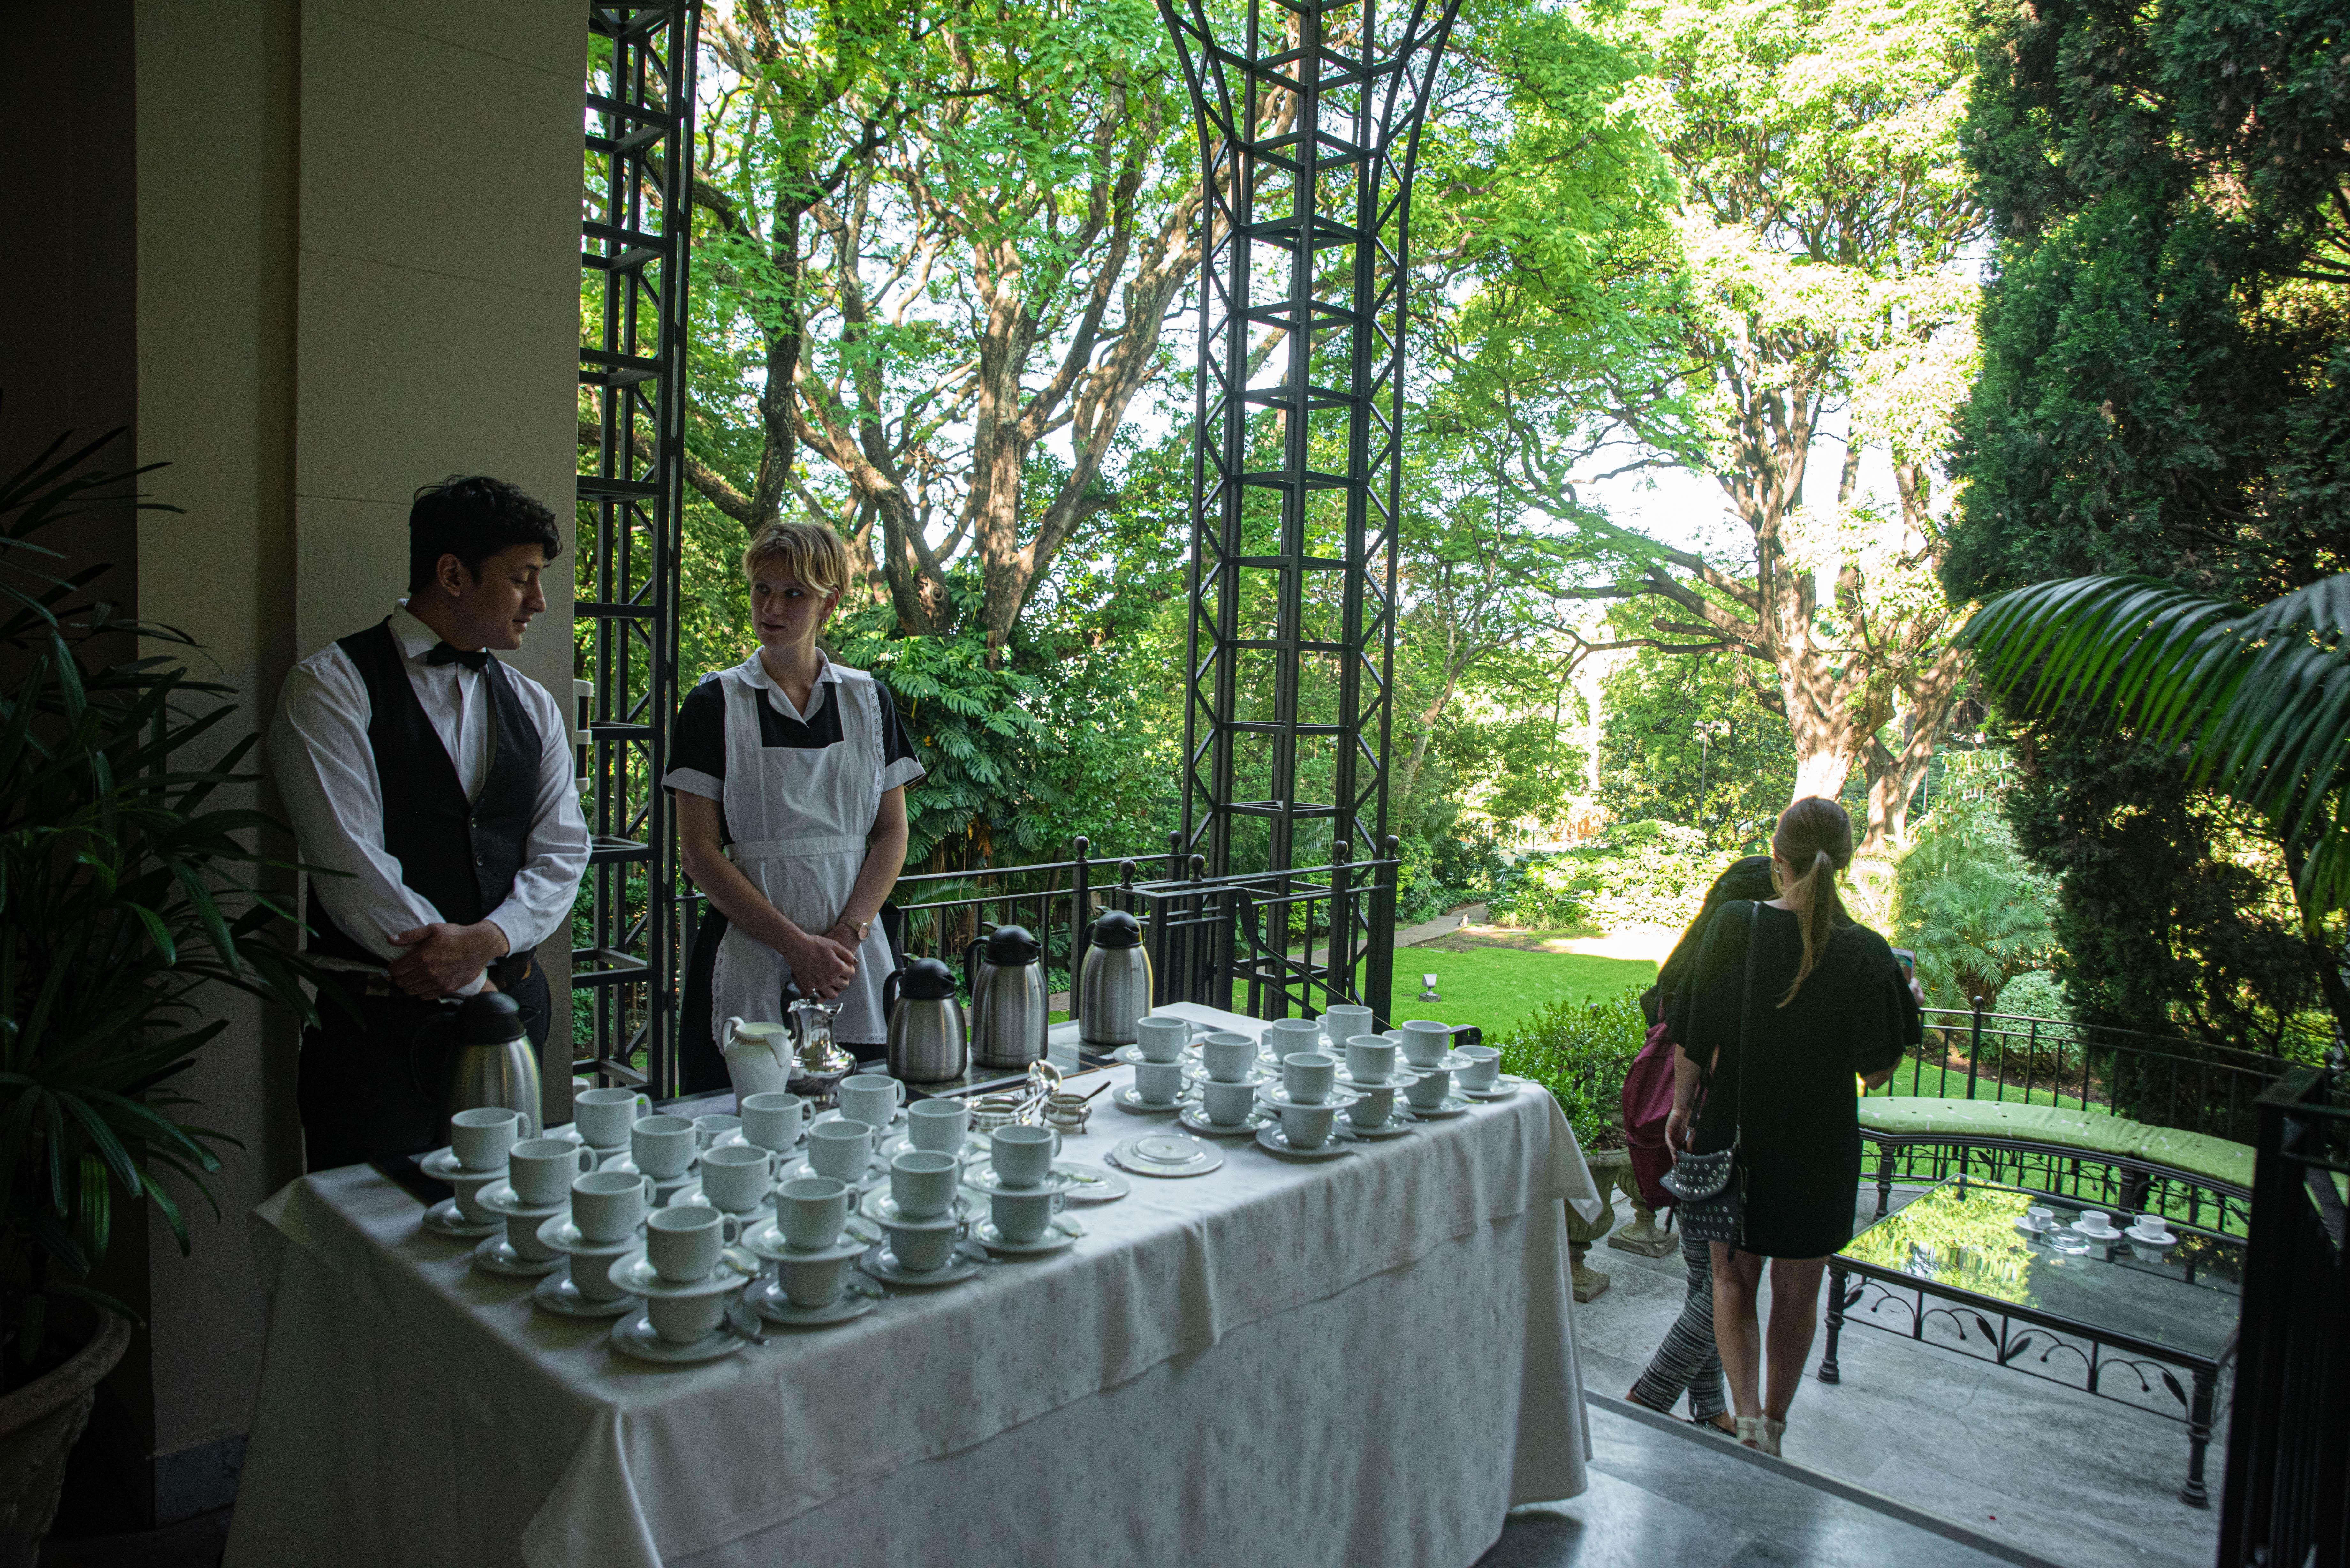 La cálida y soleada tarde invitaba a recorrer el fabuloso jardín de la Residencia británica, mientras se disfrutaba de una exquisita taza de té